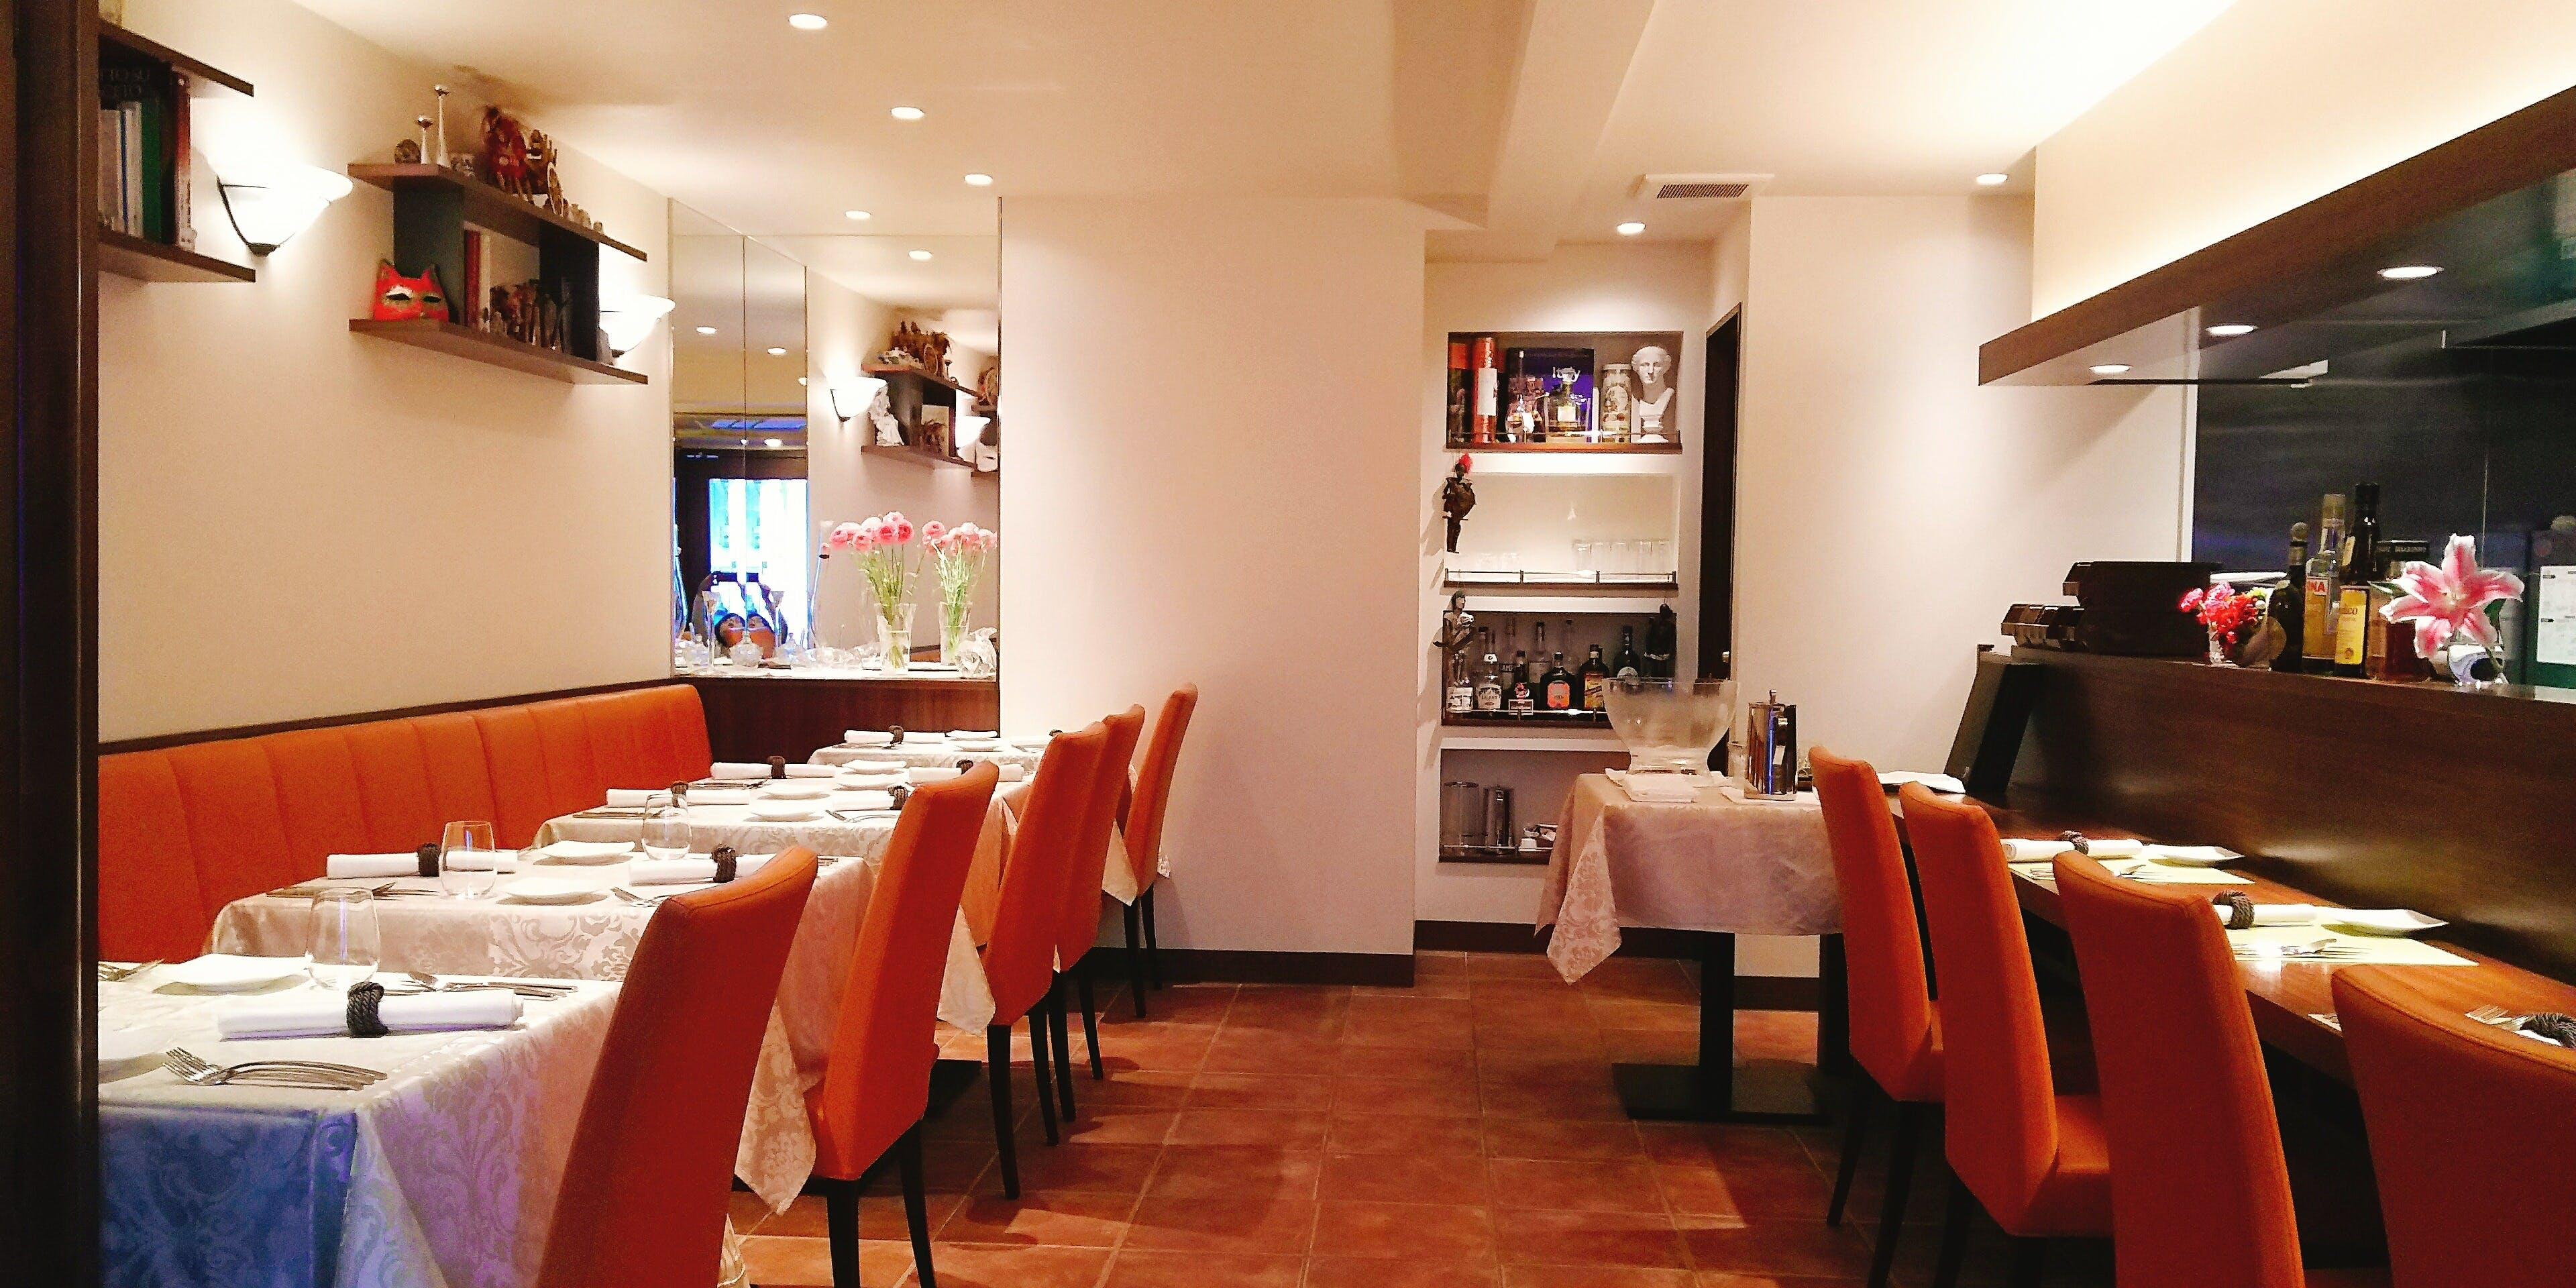 記念日におすすめのレストラン・Ristorante Stefano e Tomokoの写真1